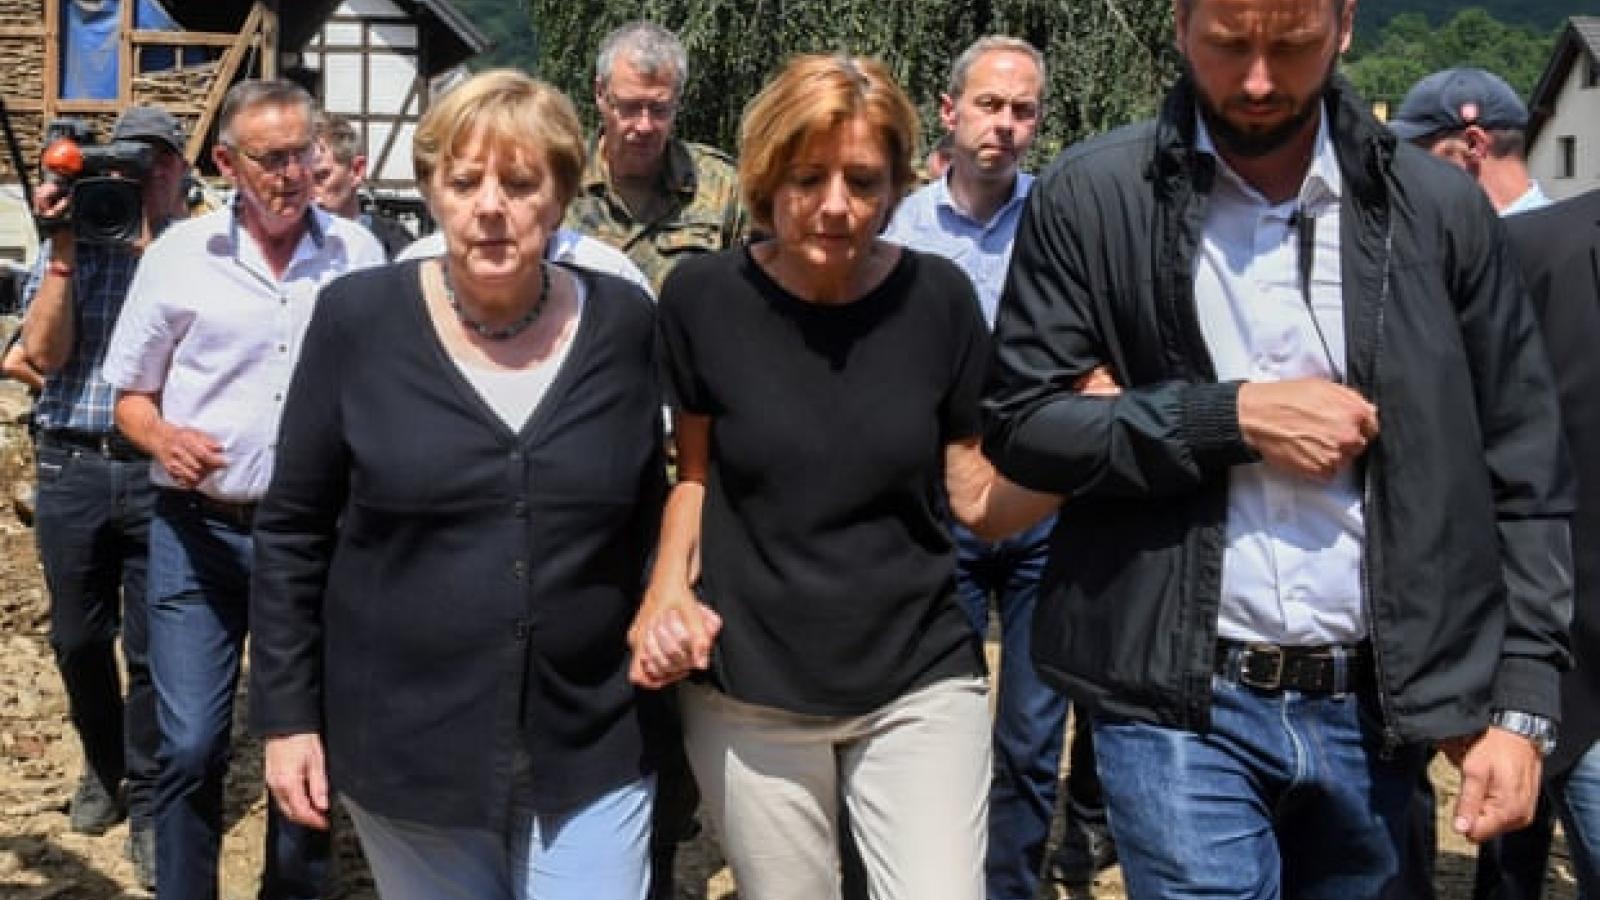 Đức chi hàng tỷ euro trợ giúp và tái thiết các vùng bị lũ lụt tàn phá